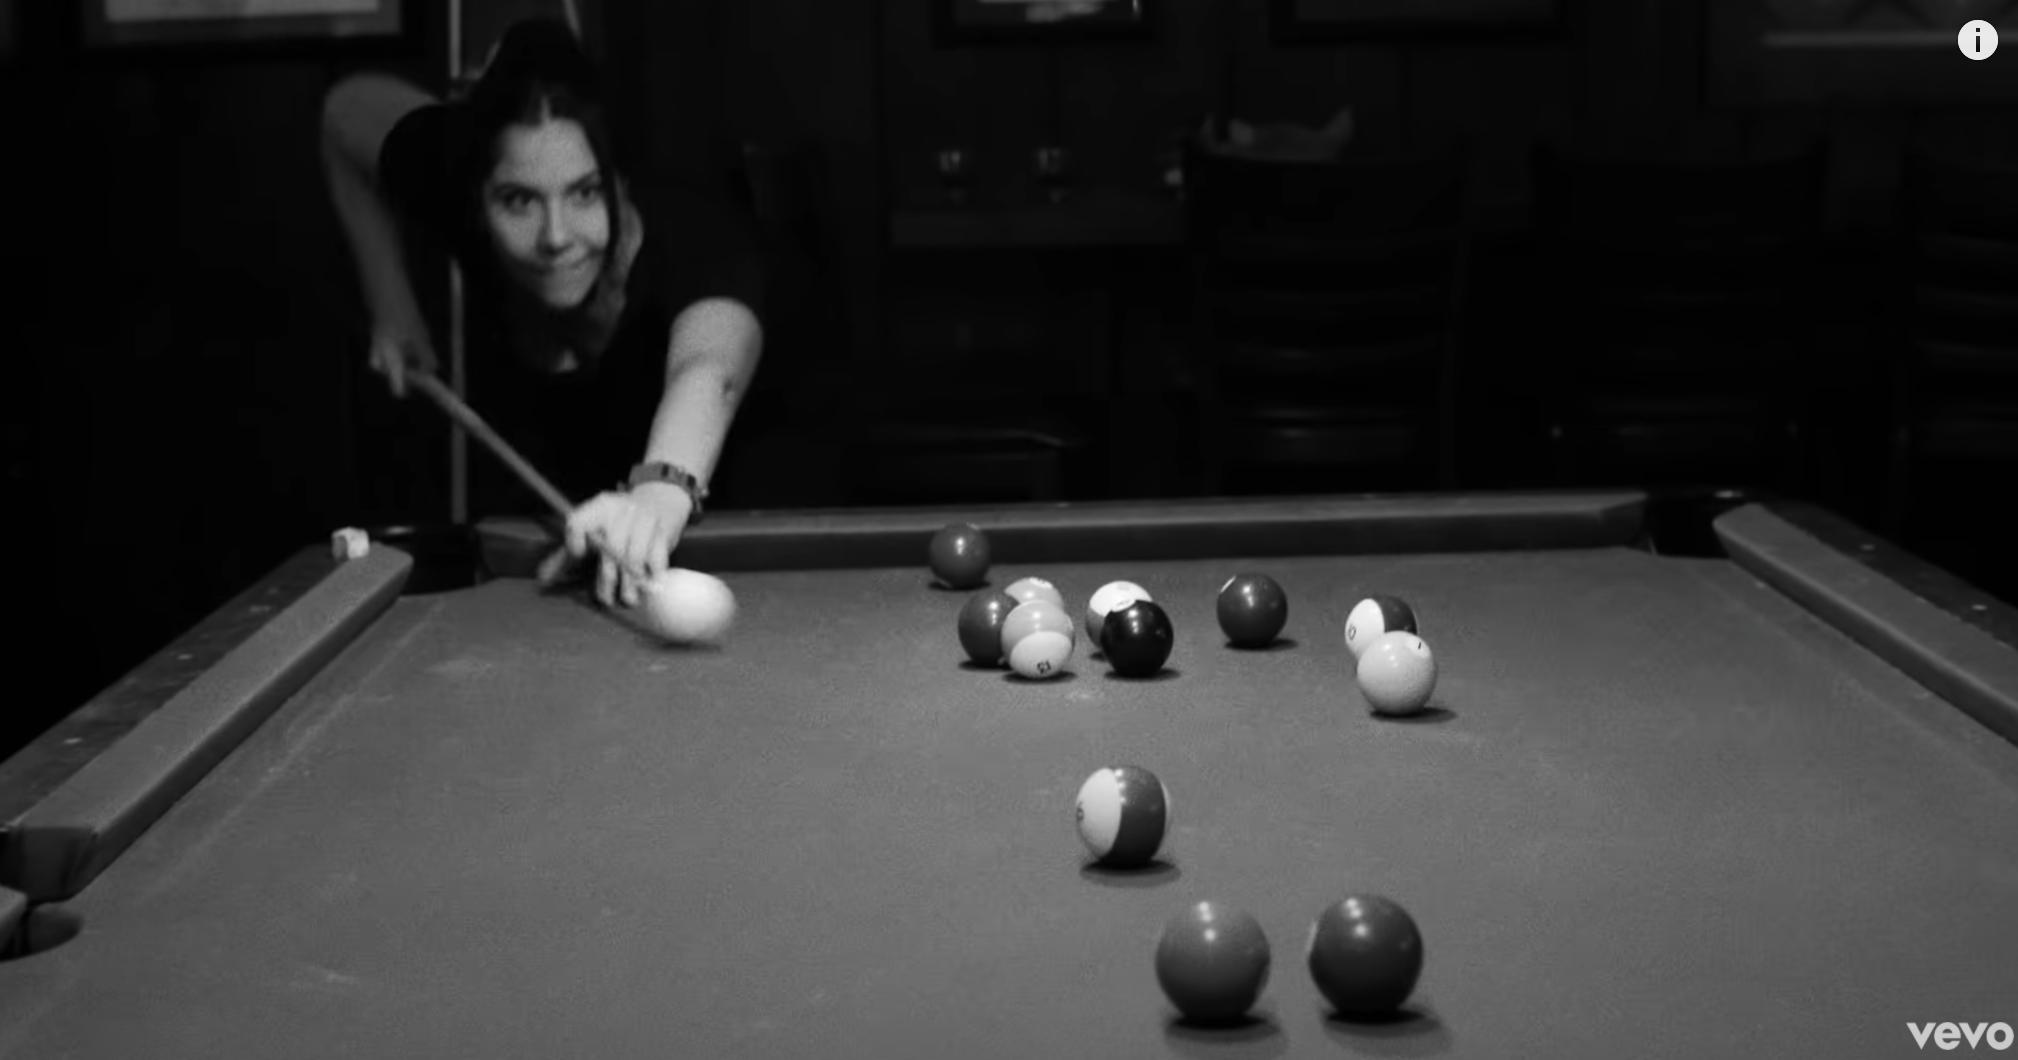 Natali Germanotta playing pool